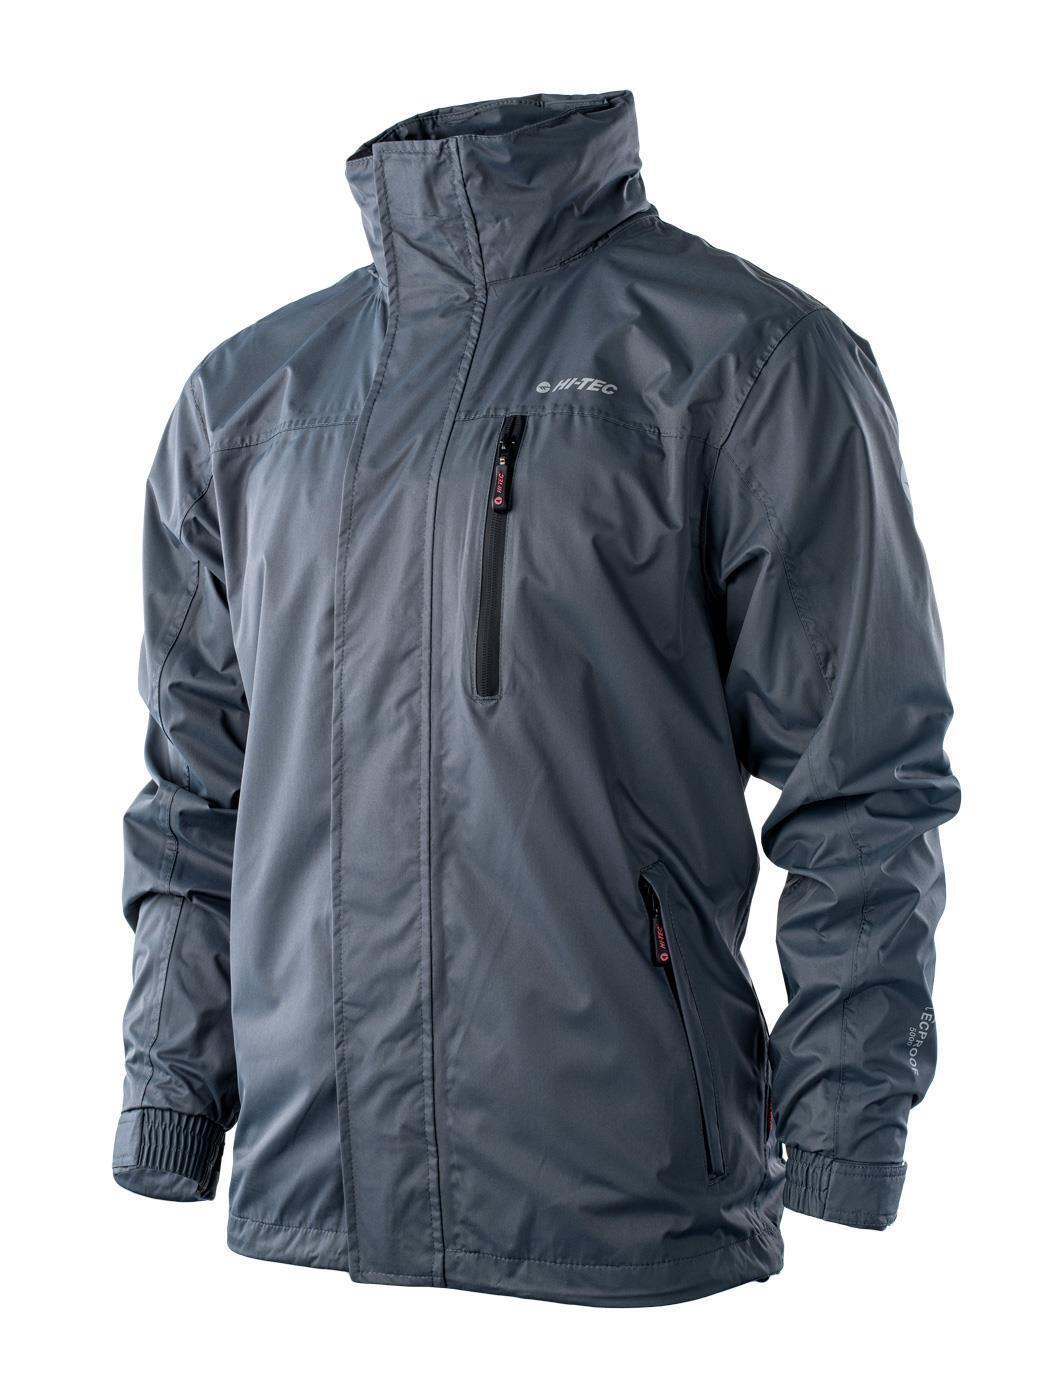 Cipo e Baxx Giacca poliestere Inverno Giacca Baxx - c44701 arancione inverno giacca 281753